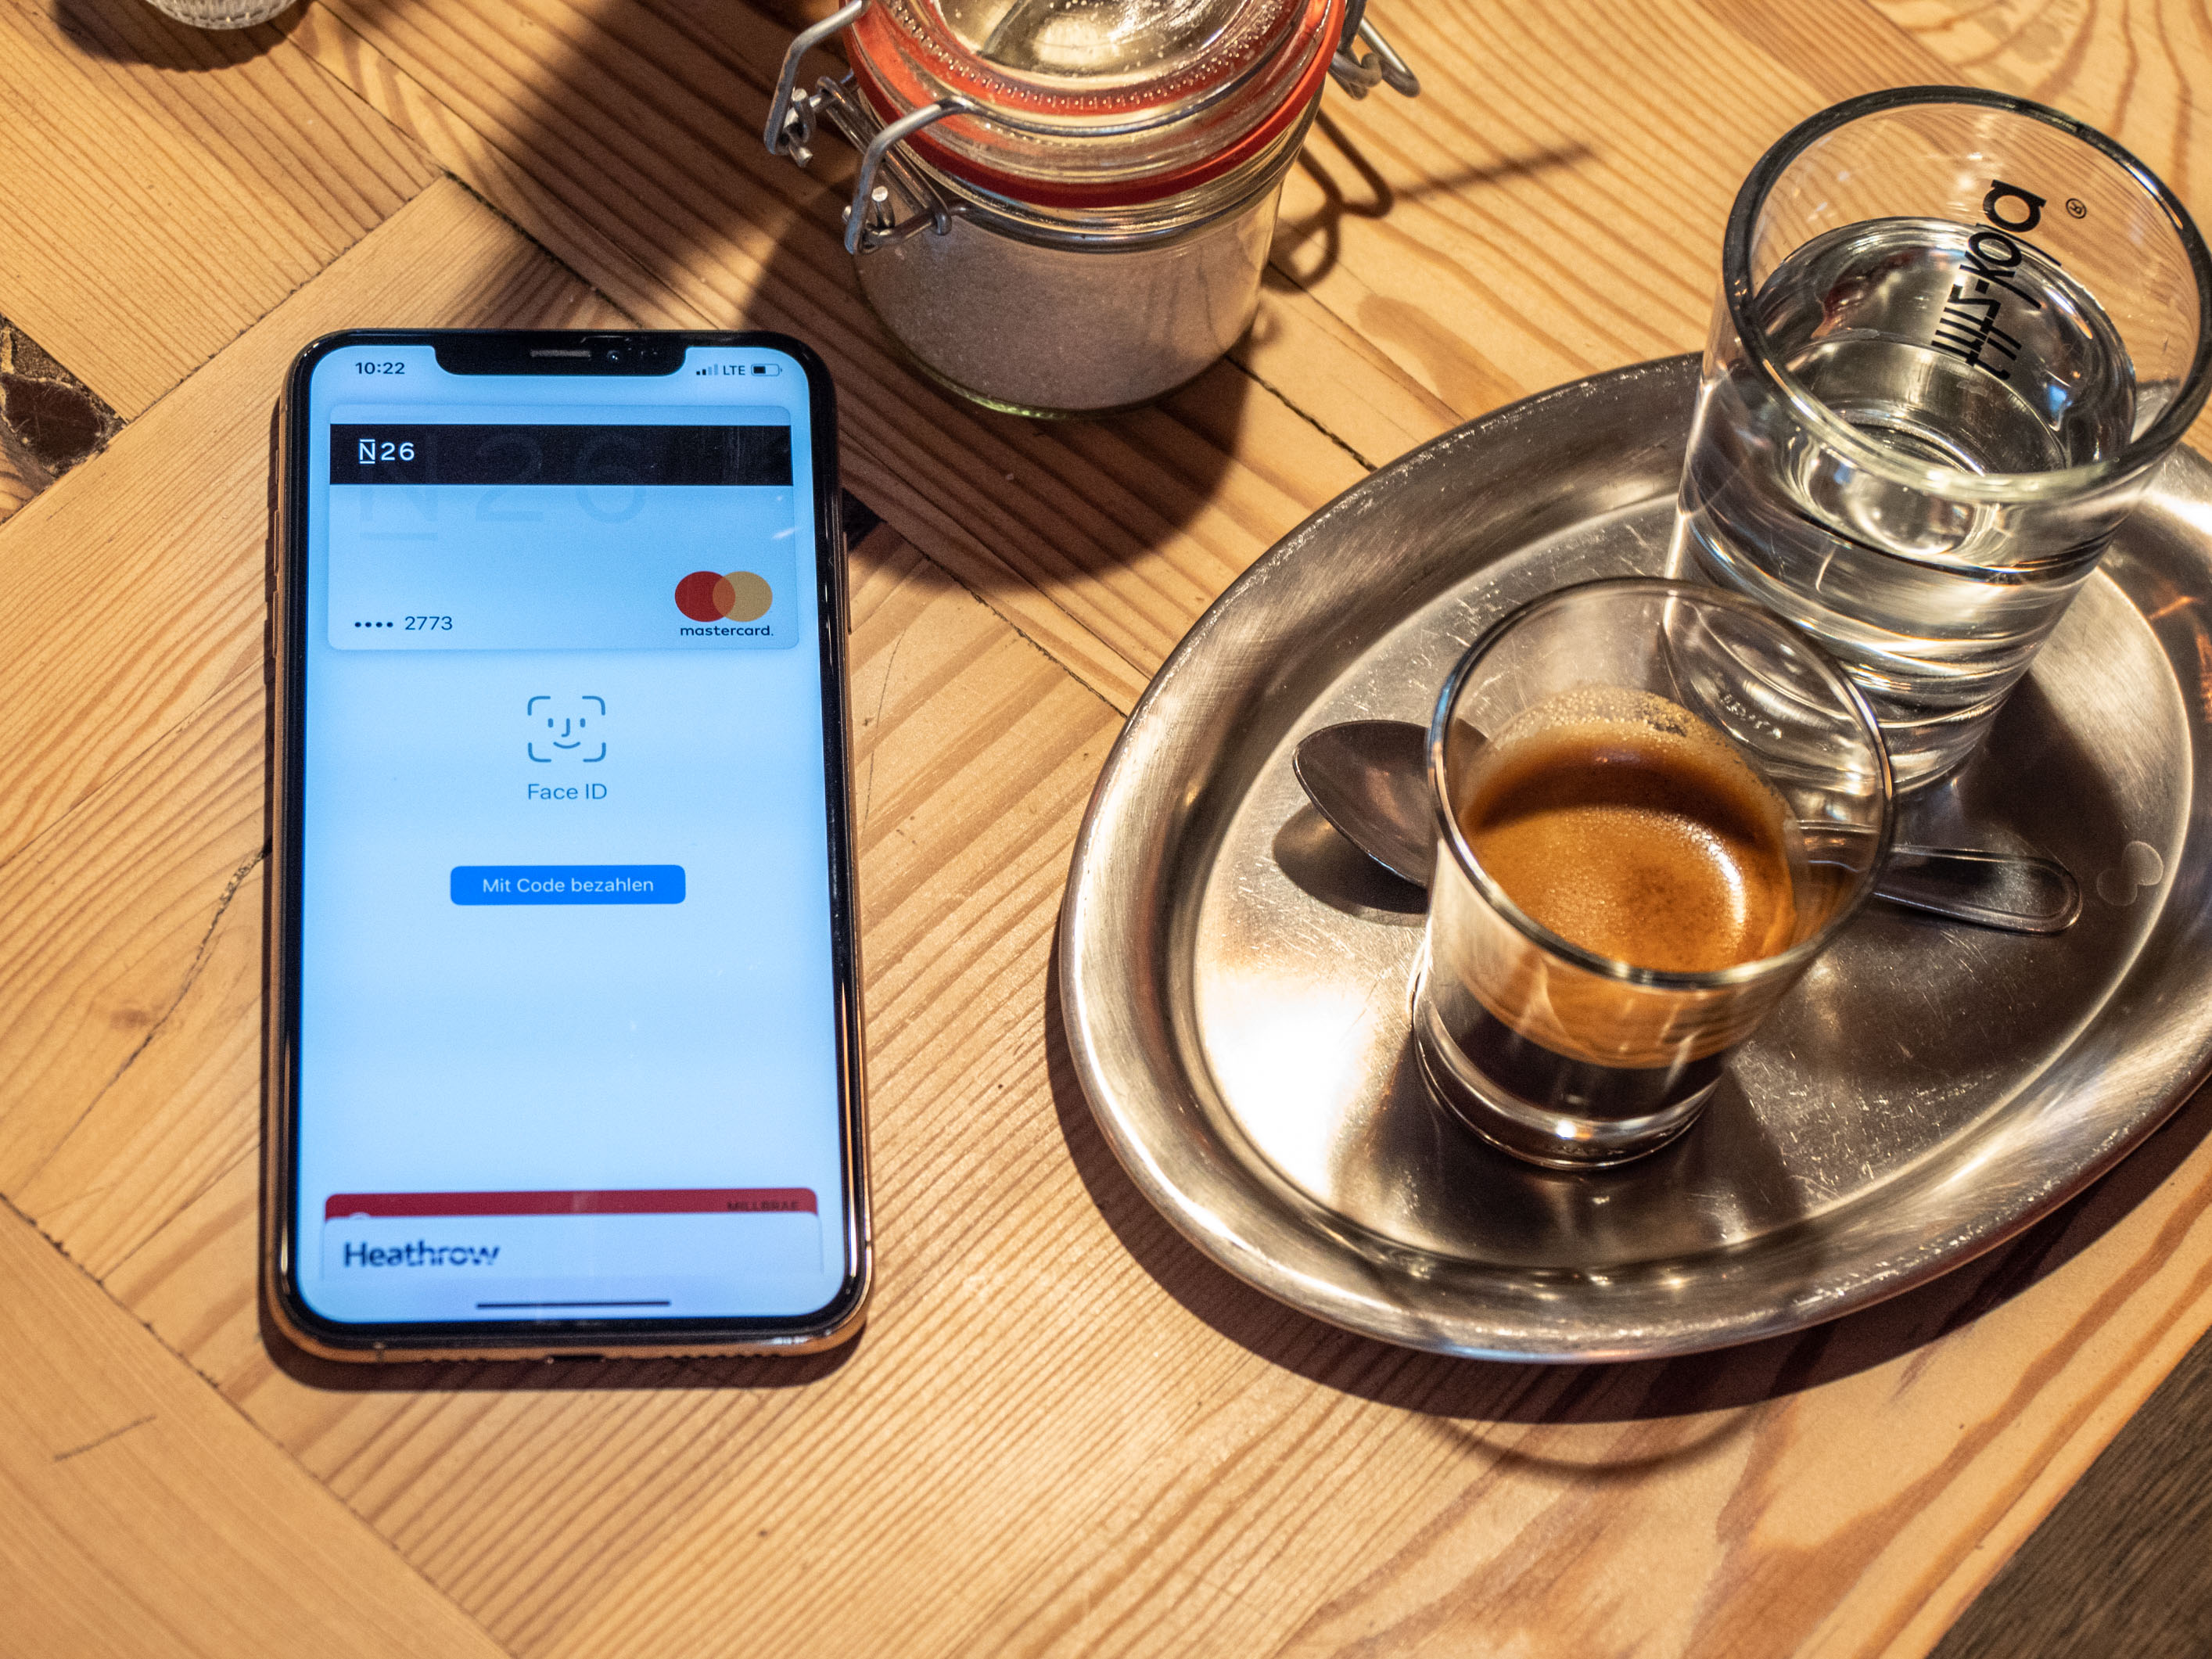 Apple Pay im Test: Problemlos mit dem iPhone zahlen - Der Startbildschirm von Apple Pay (Bild: Martin Wolf/Golem.de)